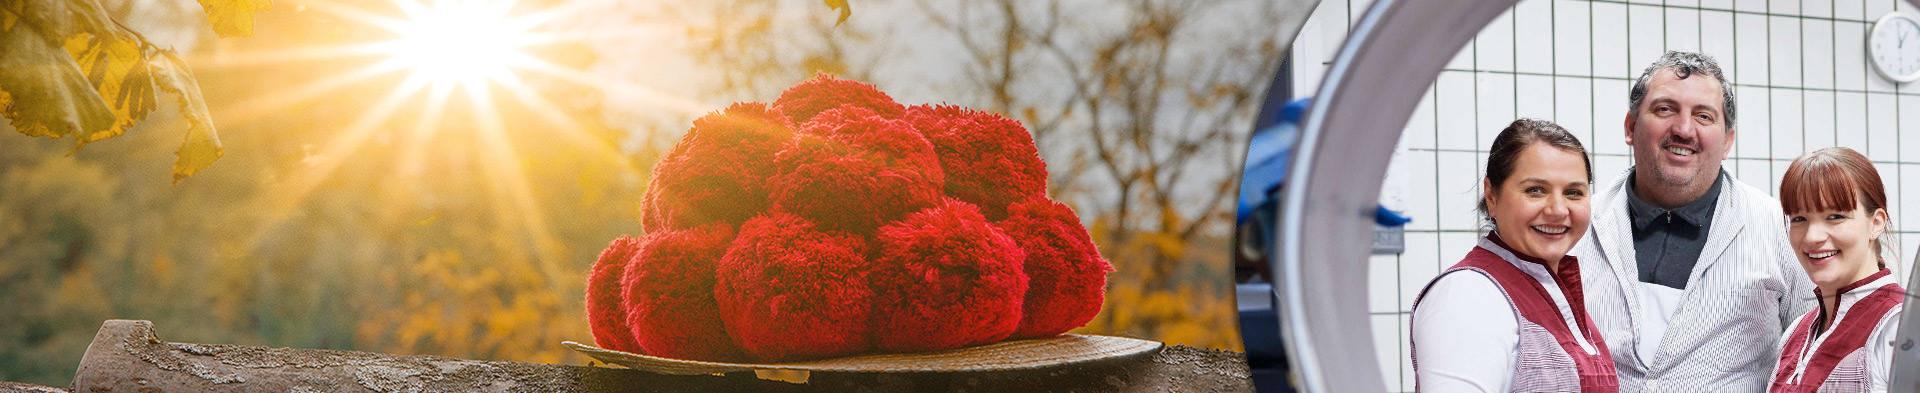 Herbst | Online Metzgerei